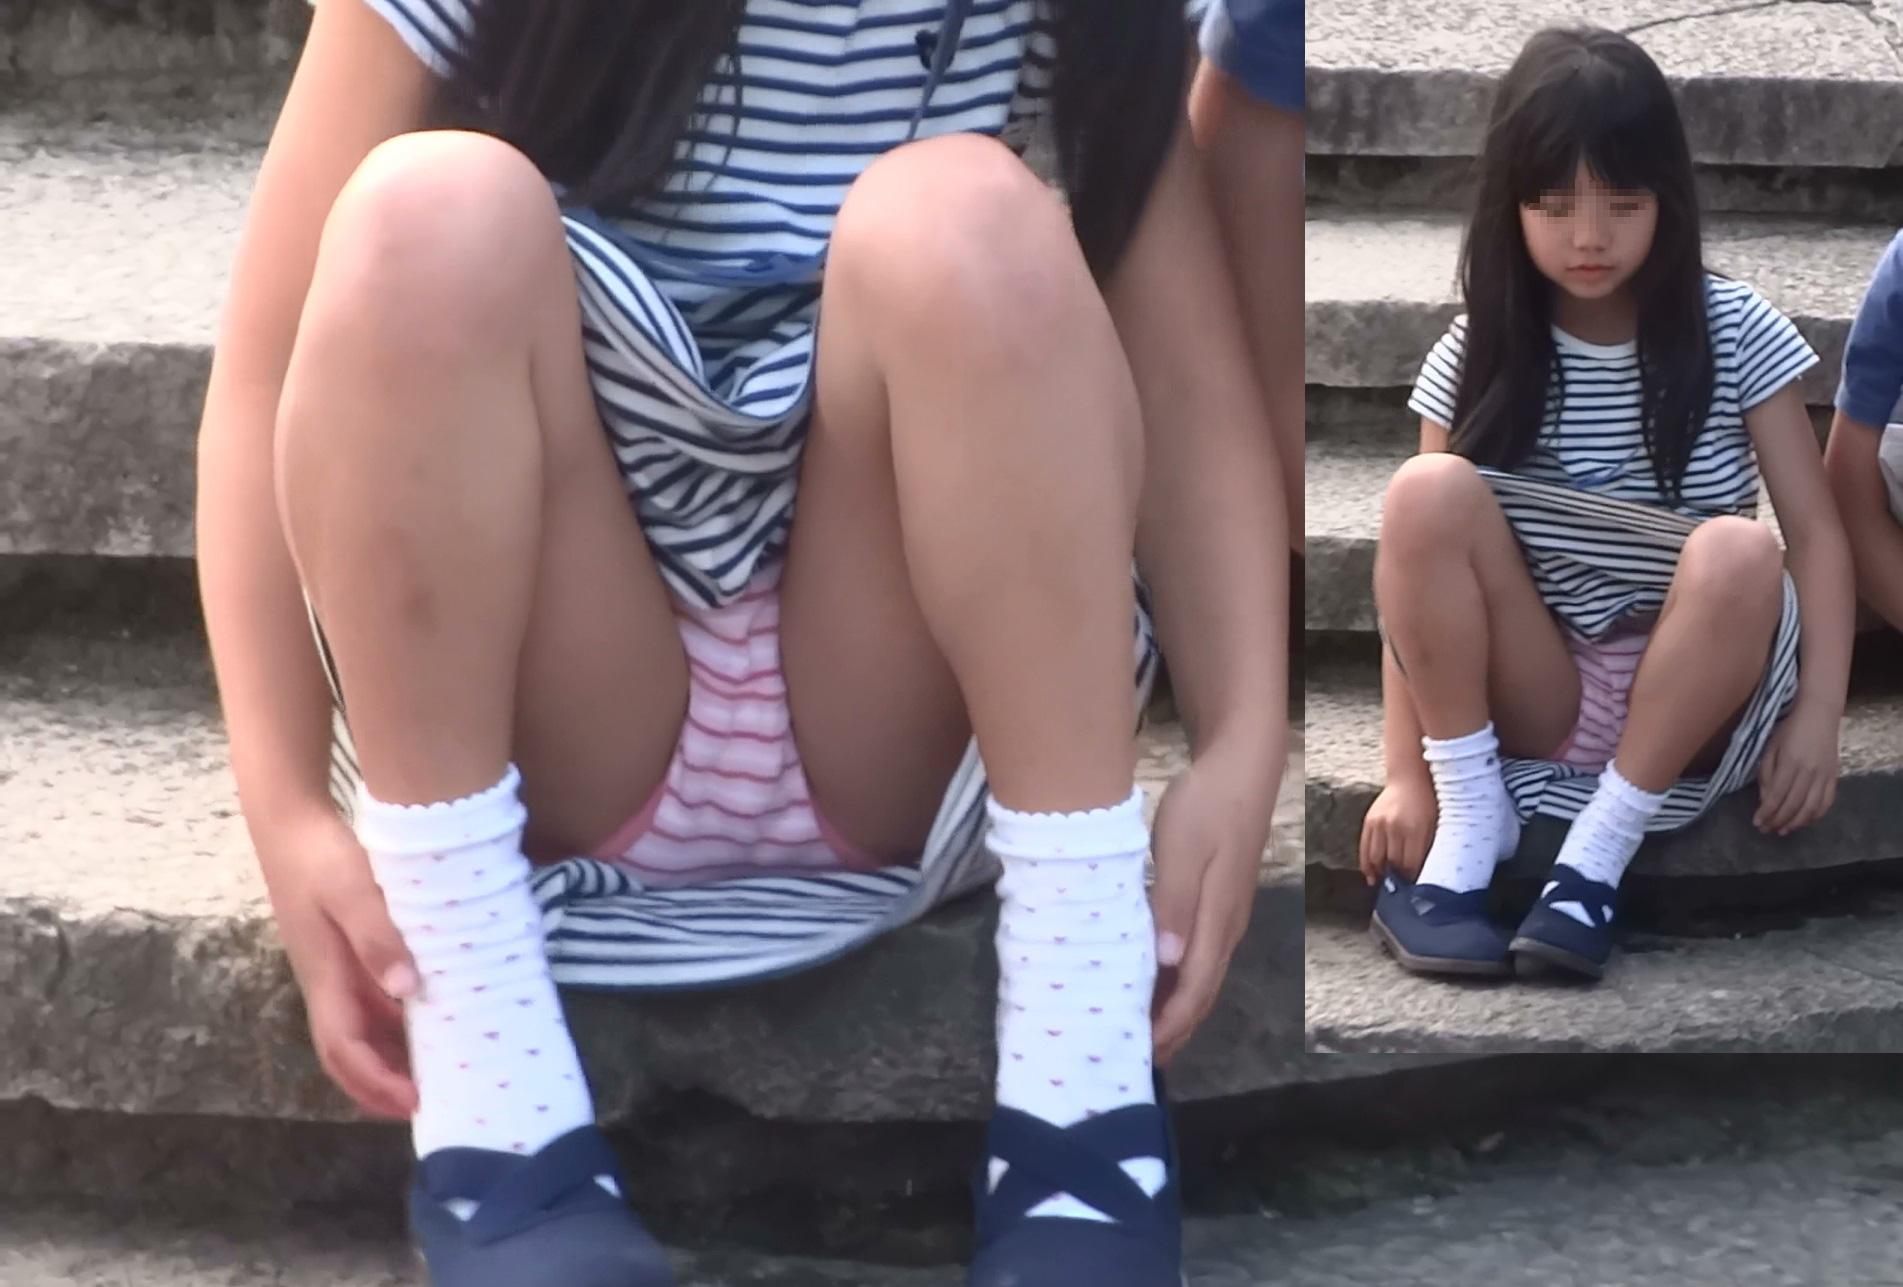 階段の段差に座るJSの可愛い横縞パンツを隠し撮り!